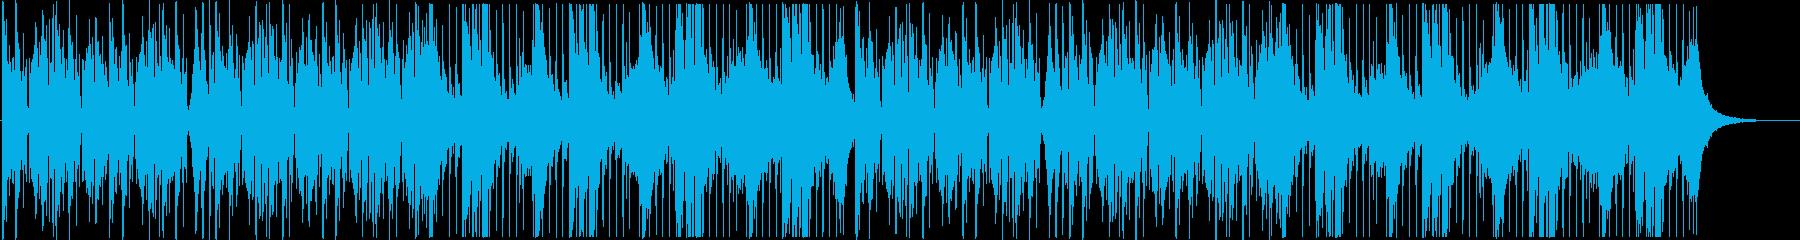 琴のクール/ダークで迫力ある和風EDMの再生済みの波形